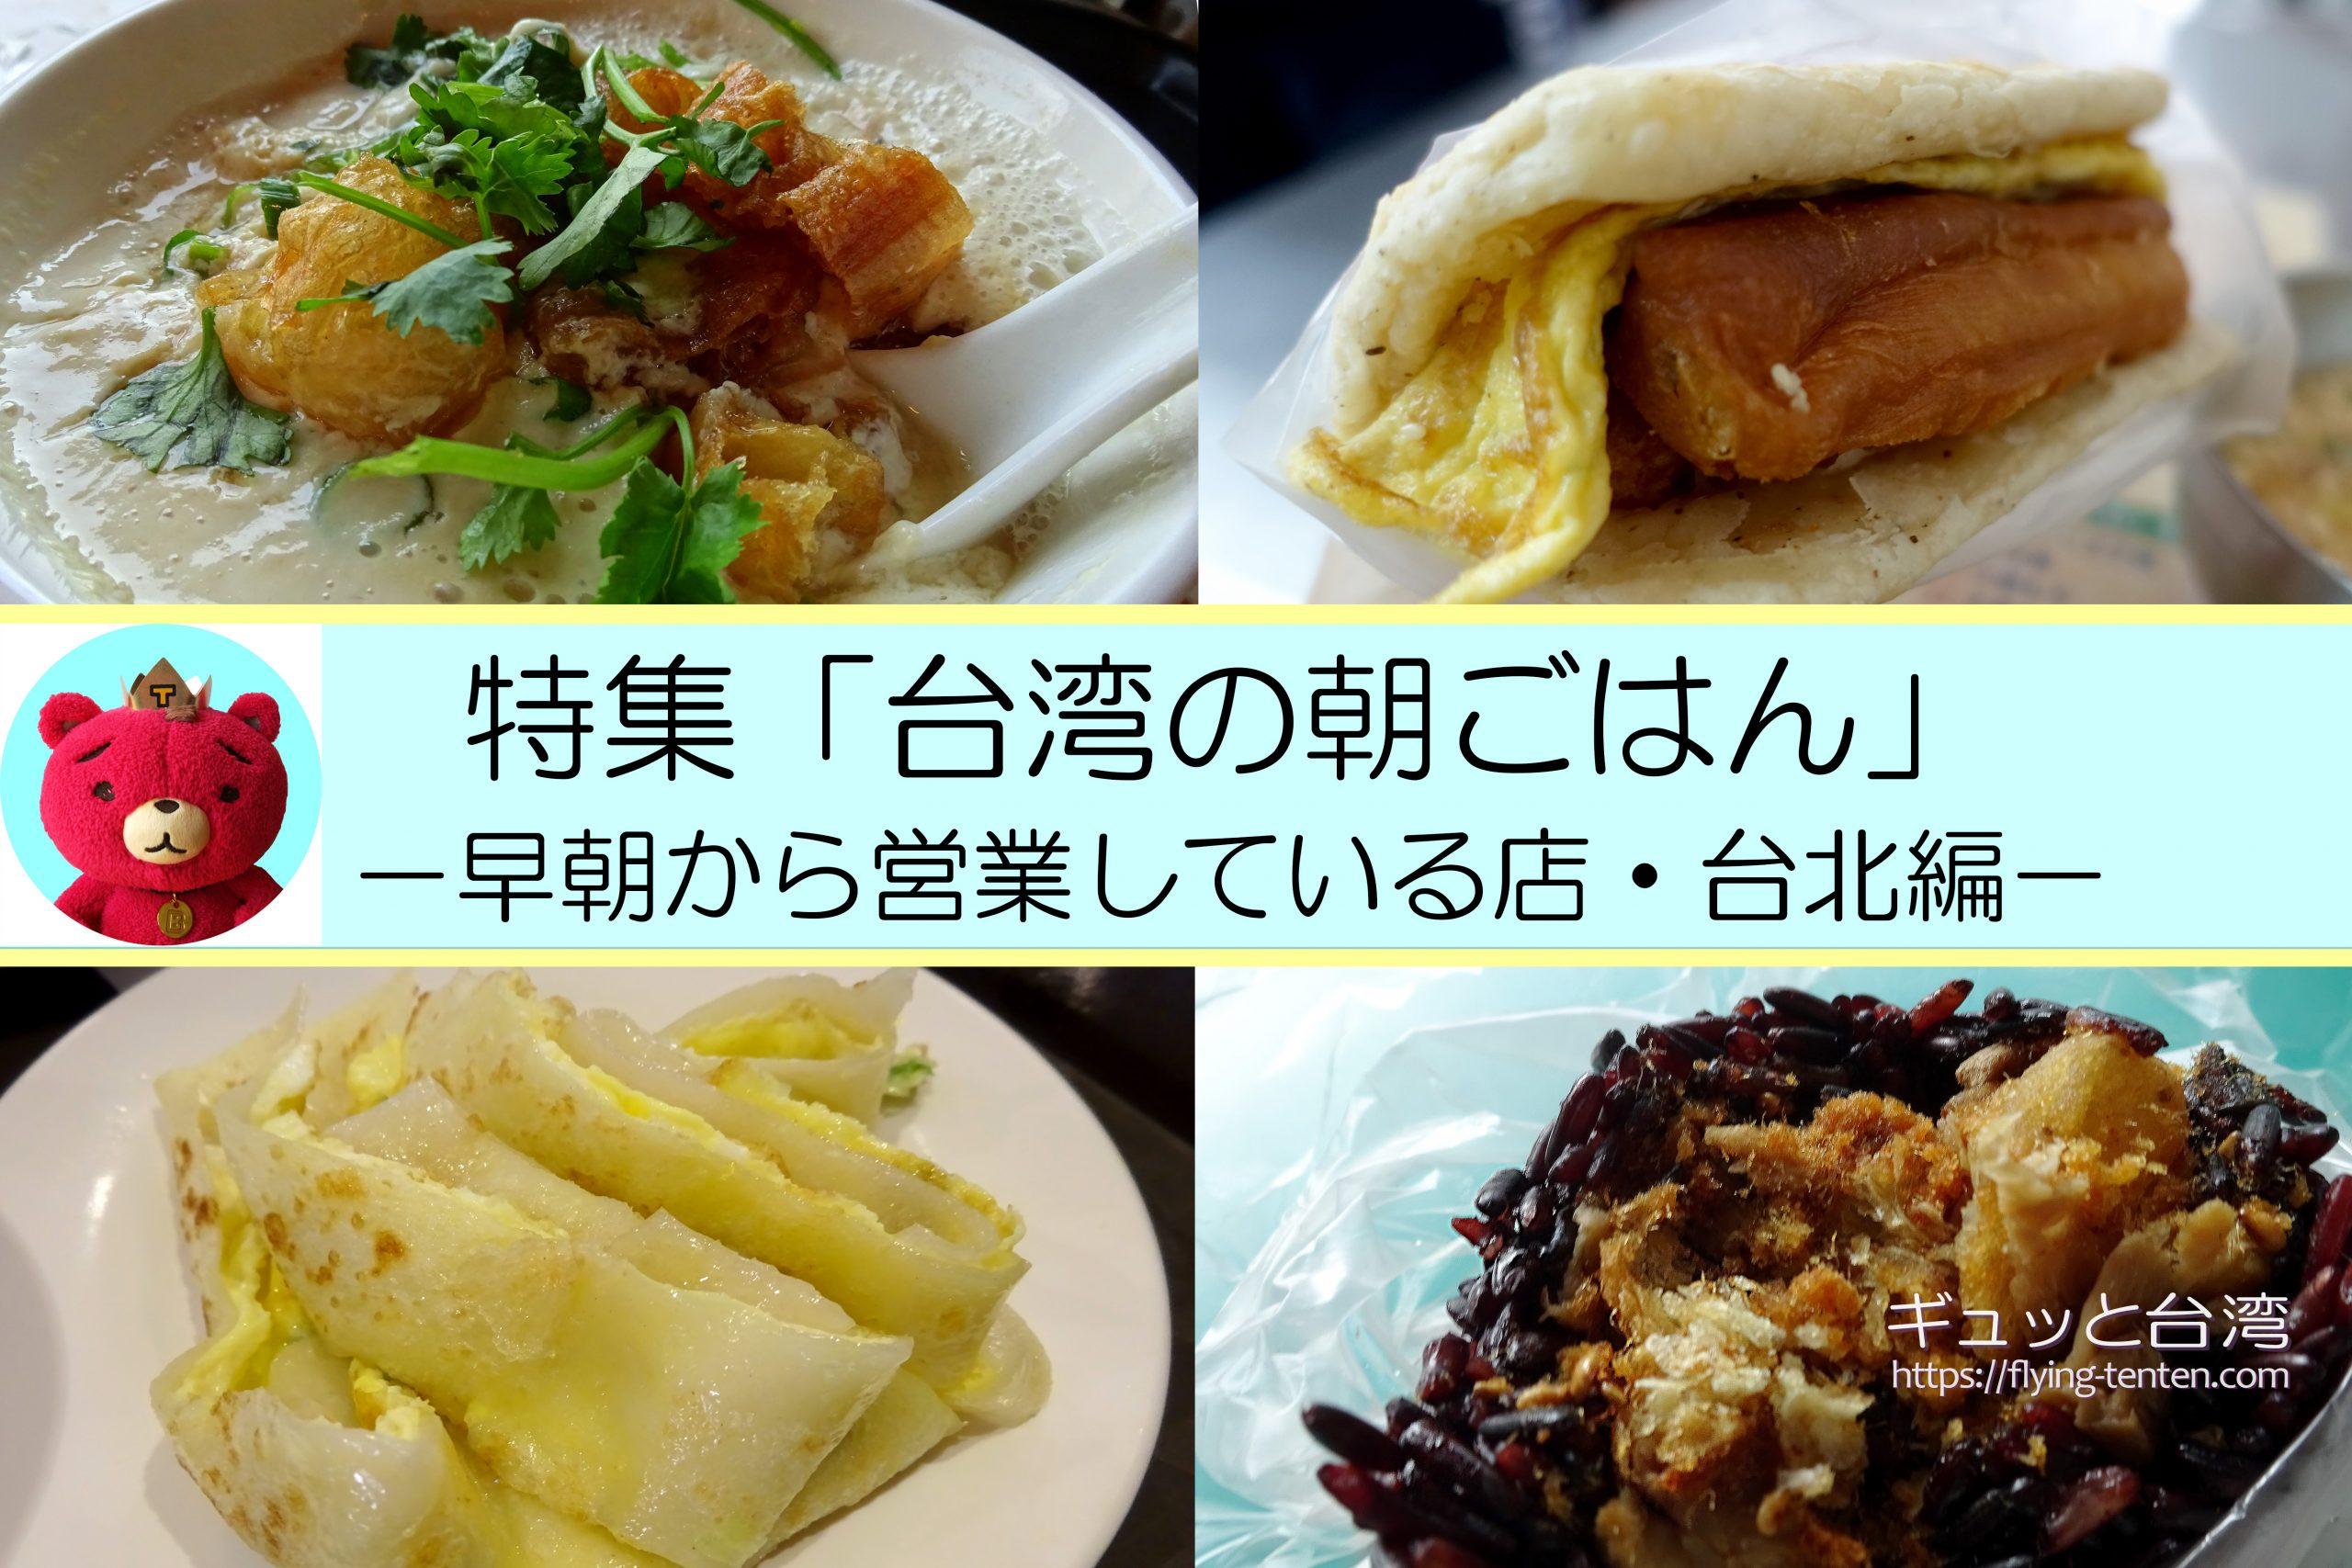 台北早餐店まとめ